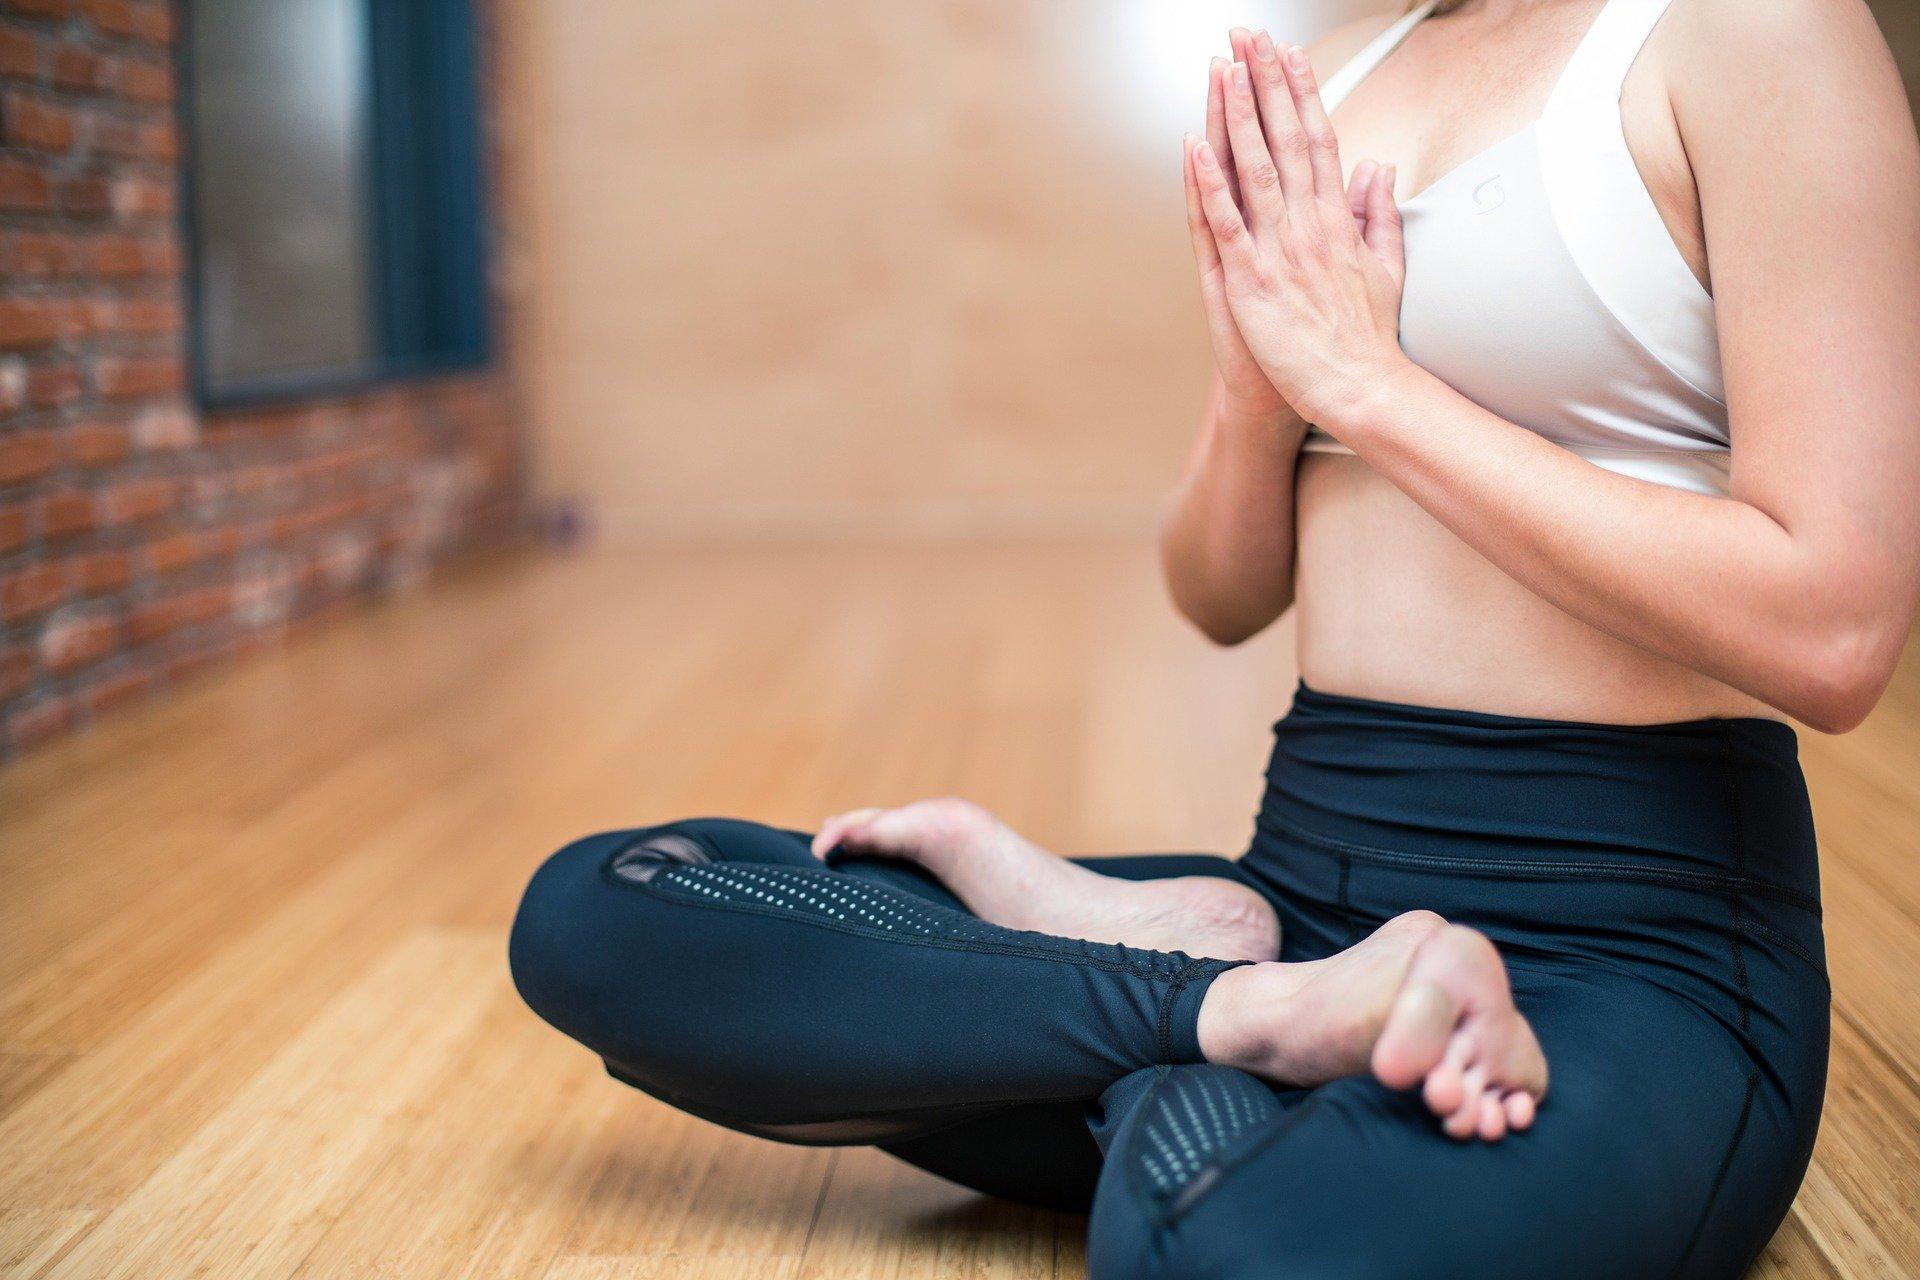 Practicar ejercicio físico regularmente, no solo es positivo a nivel fisiológico, también tiene muchos beneficios para la salud mental y la recuperación de adicciones.